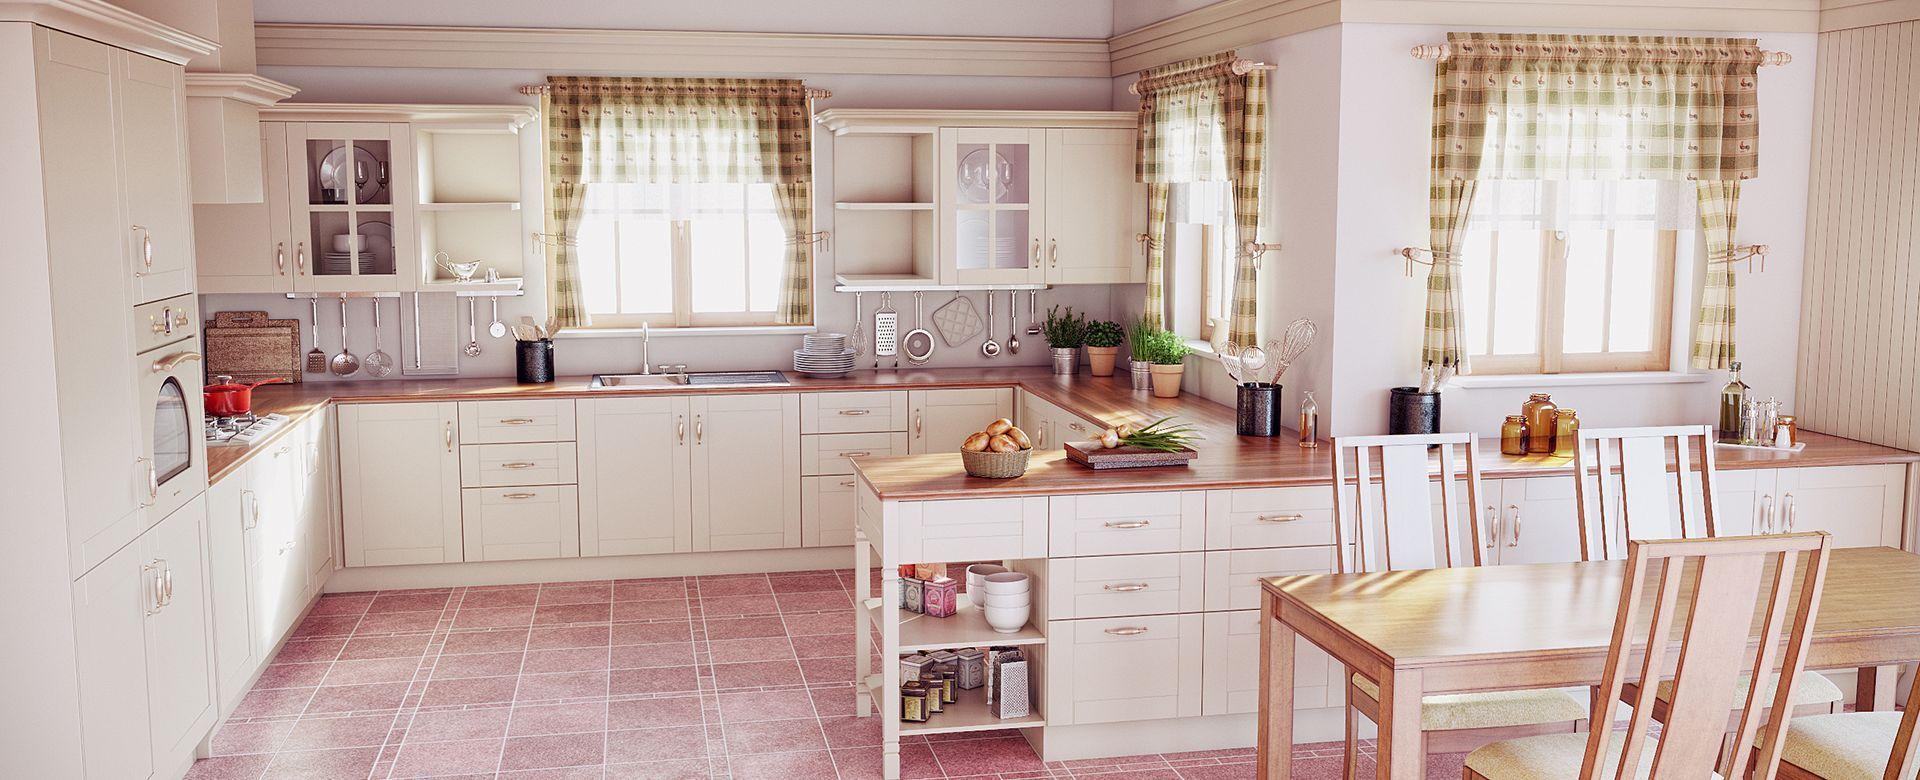 kuchyn ve stylu provence rustikalni interiery pinterest kuchyn ve stylu provence rustikalni interiery pinterest provence